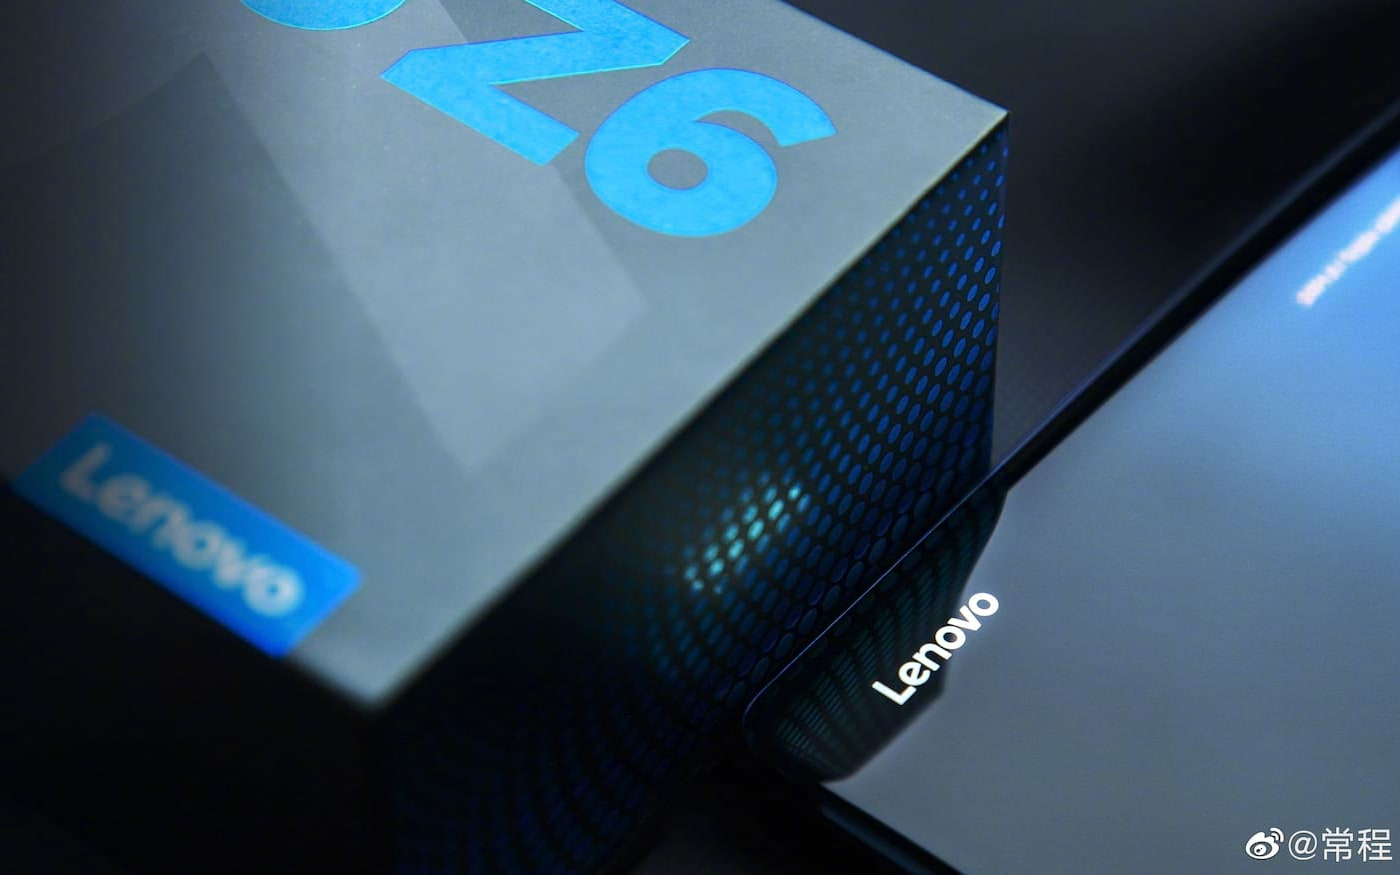 VP da Lenovo libera detalhes do Z6 - tela de 6,39 polegadas e Snapdragon 730 podem ser esperados